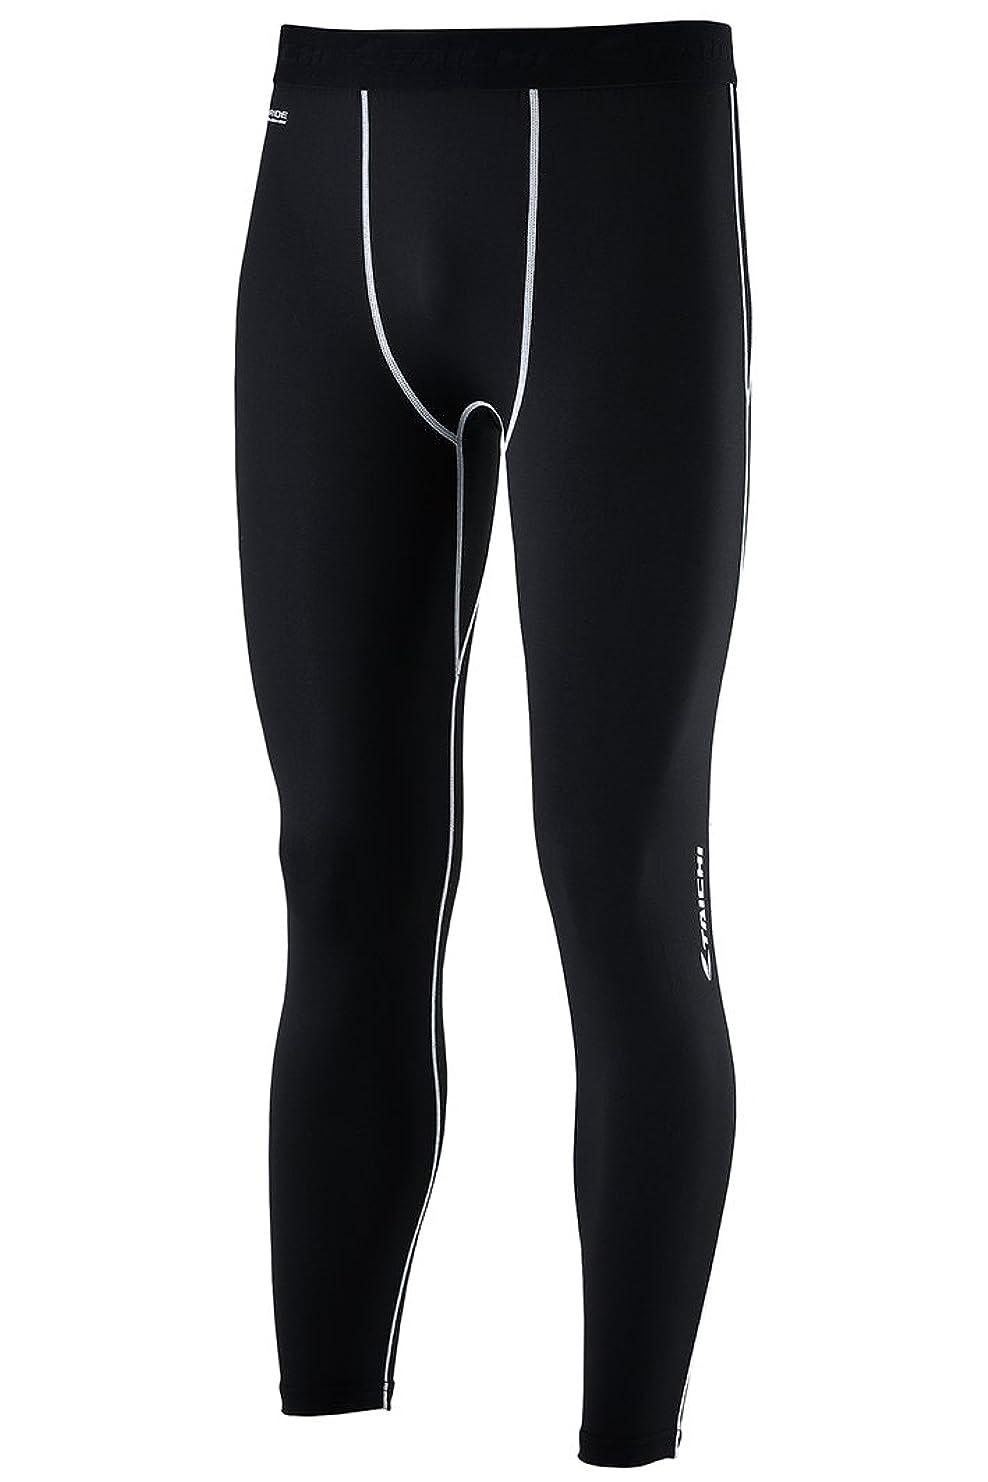 抜本的な印象派終わりキジマ(Kijima) プロテクトインナーパンツ 4R Relieve Pants ショート ブラック BL FR-133306